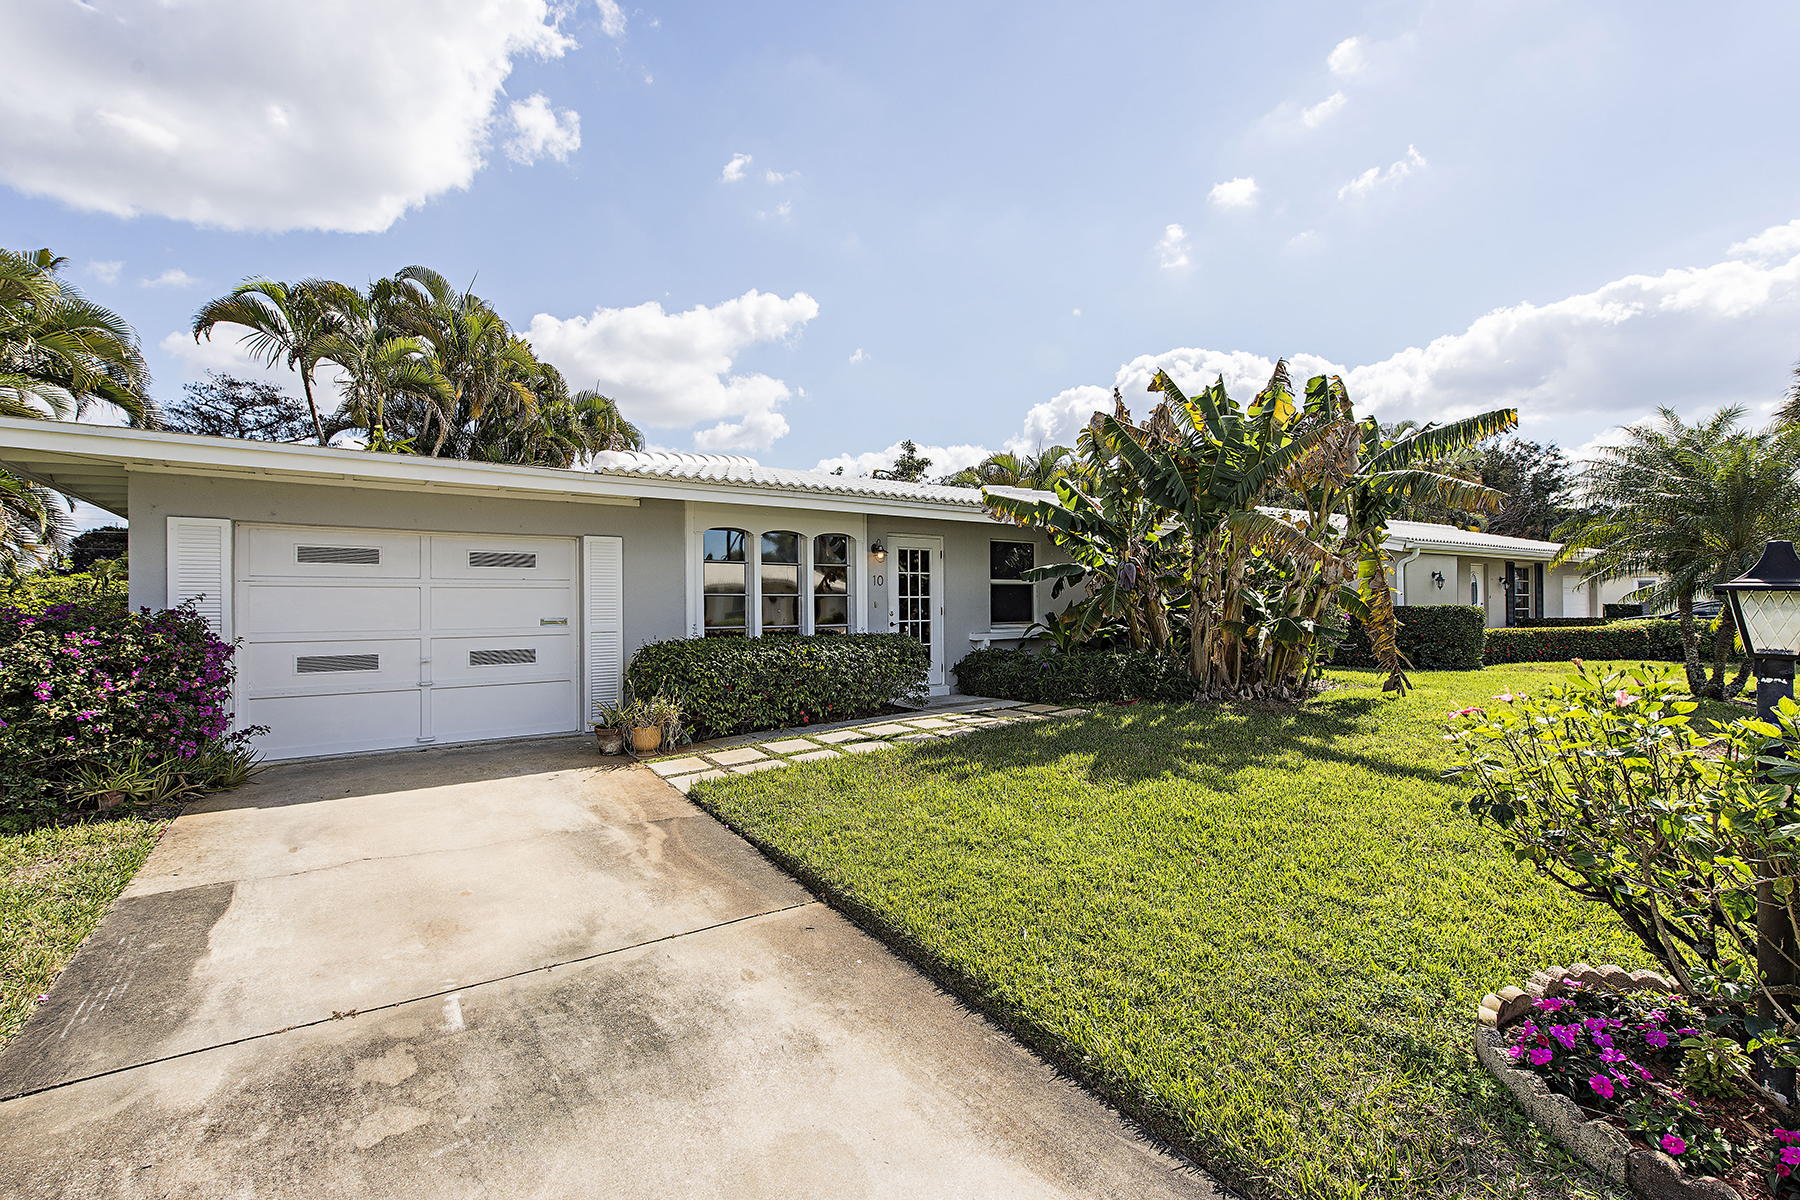 一戸建て のために 売買 アット NAPLES 10 Lanai Cir 10 Naples, フロリダ, 34112 アメリカ合衆国